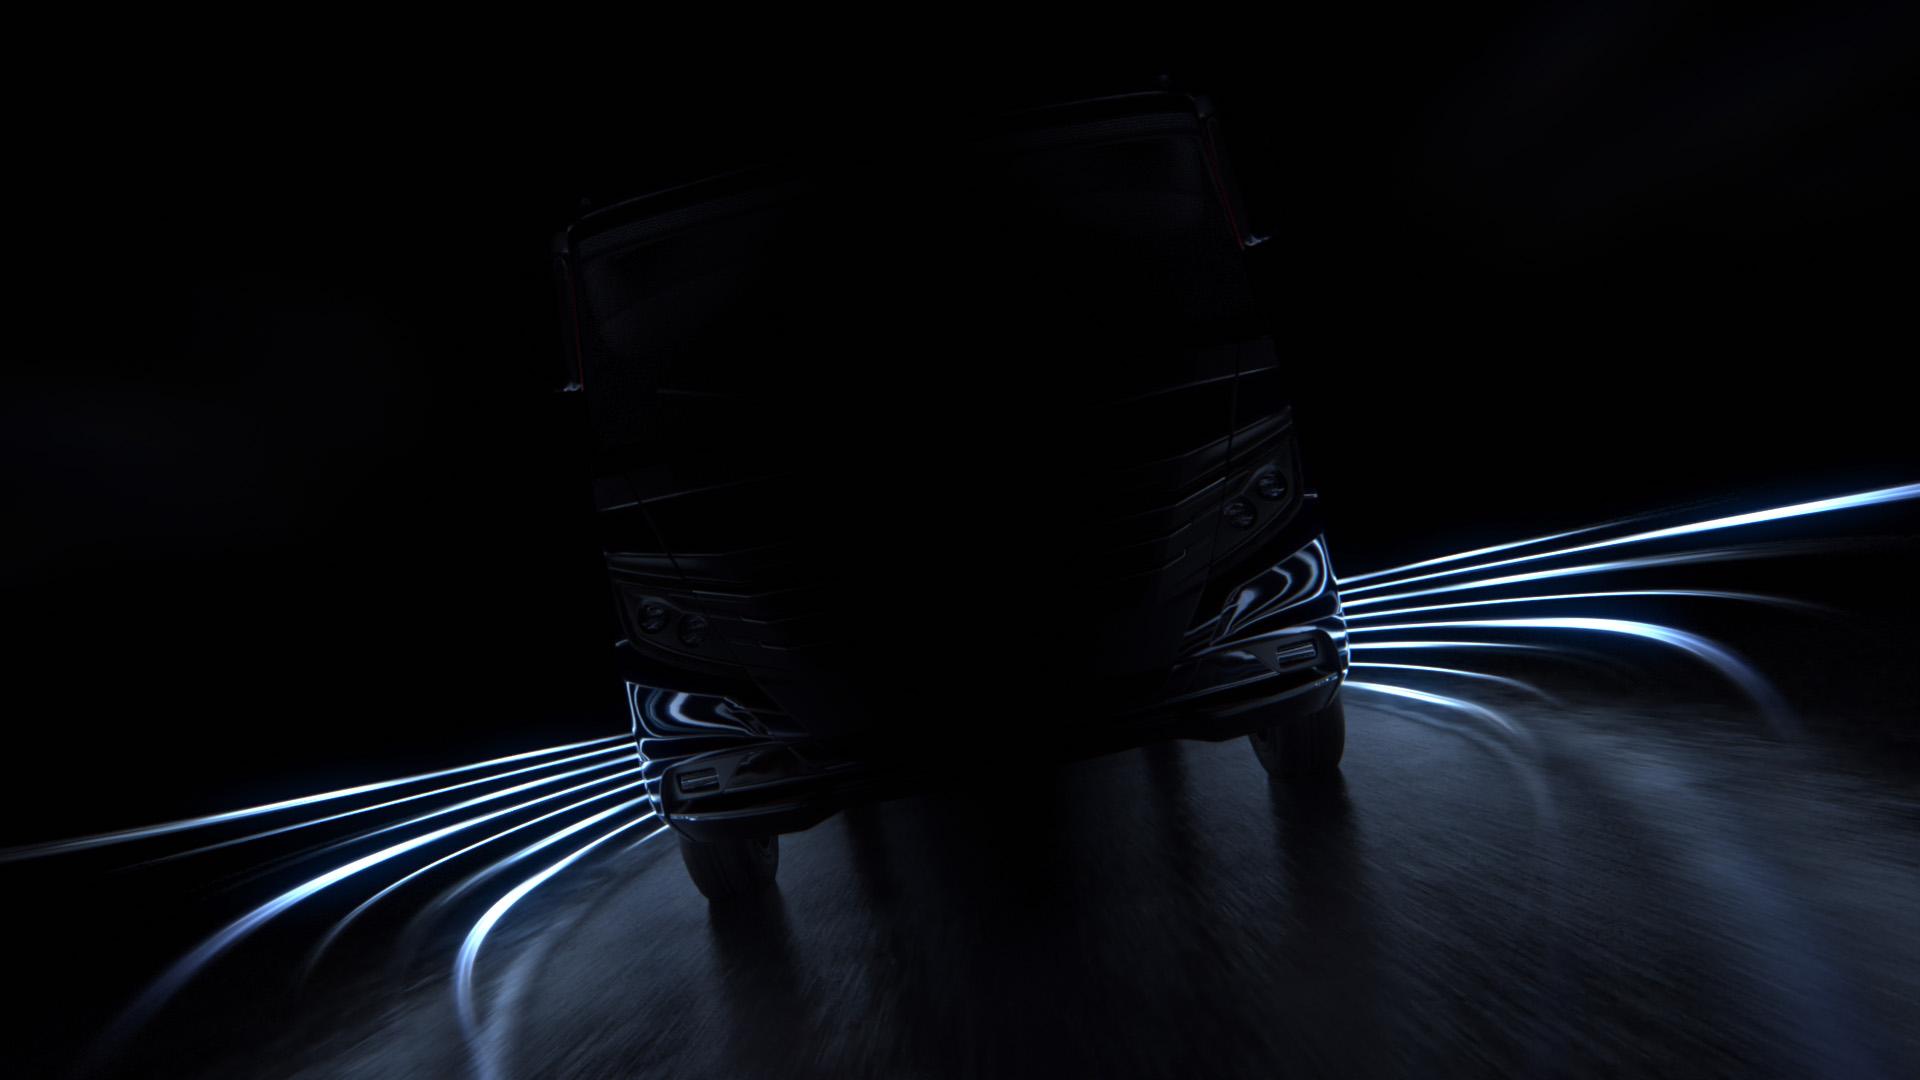 Niesmann+Bischoff iSmove Launch Clip - Shot 02